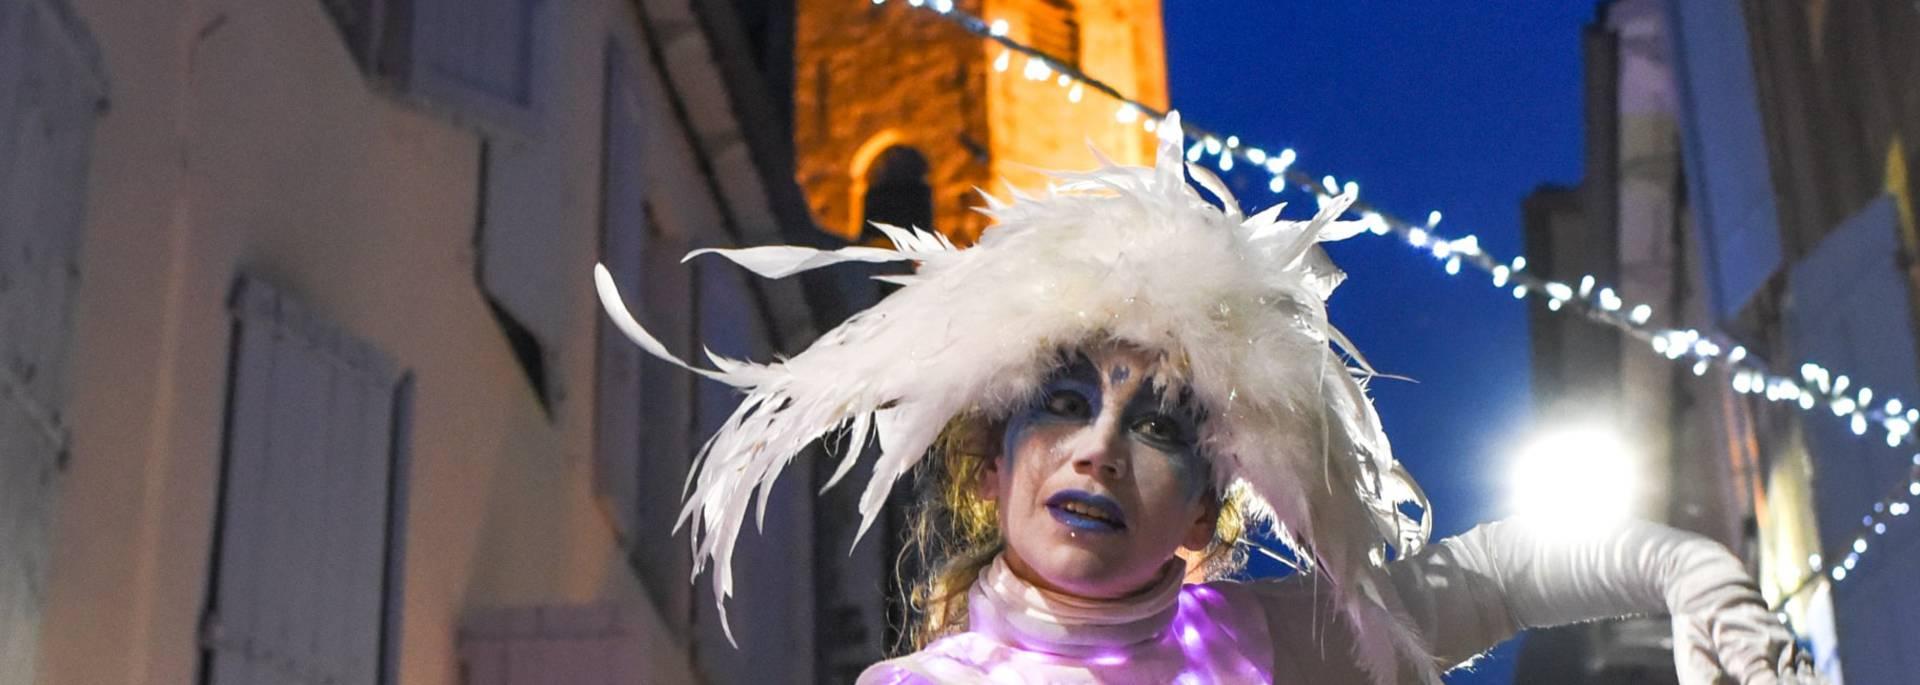 Parade de Noël Millau 2019